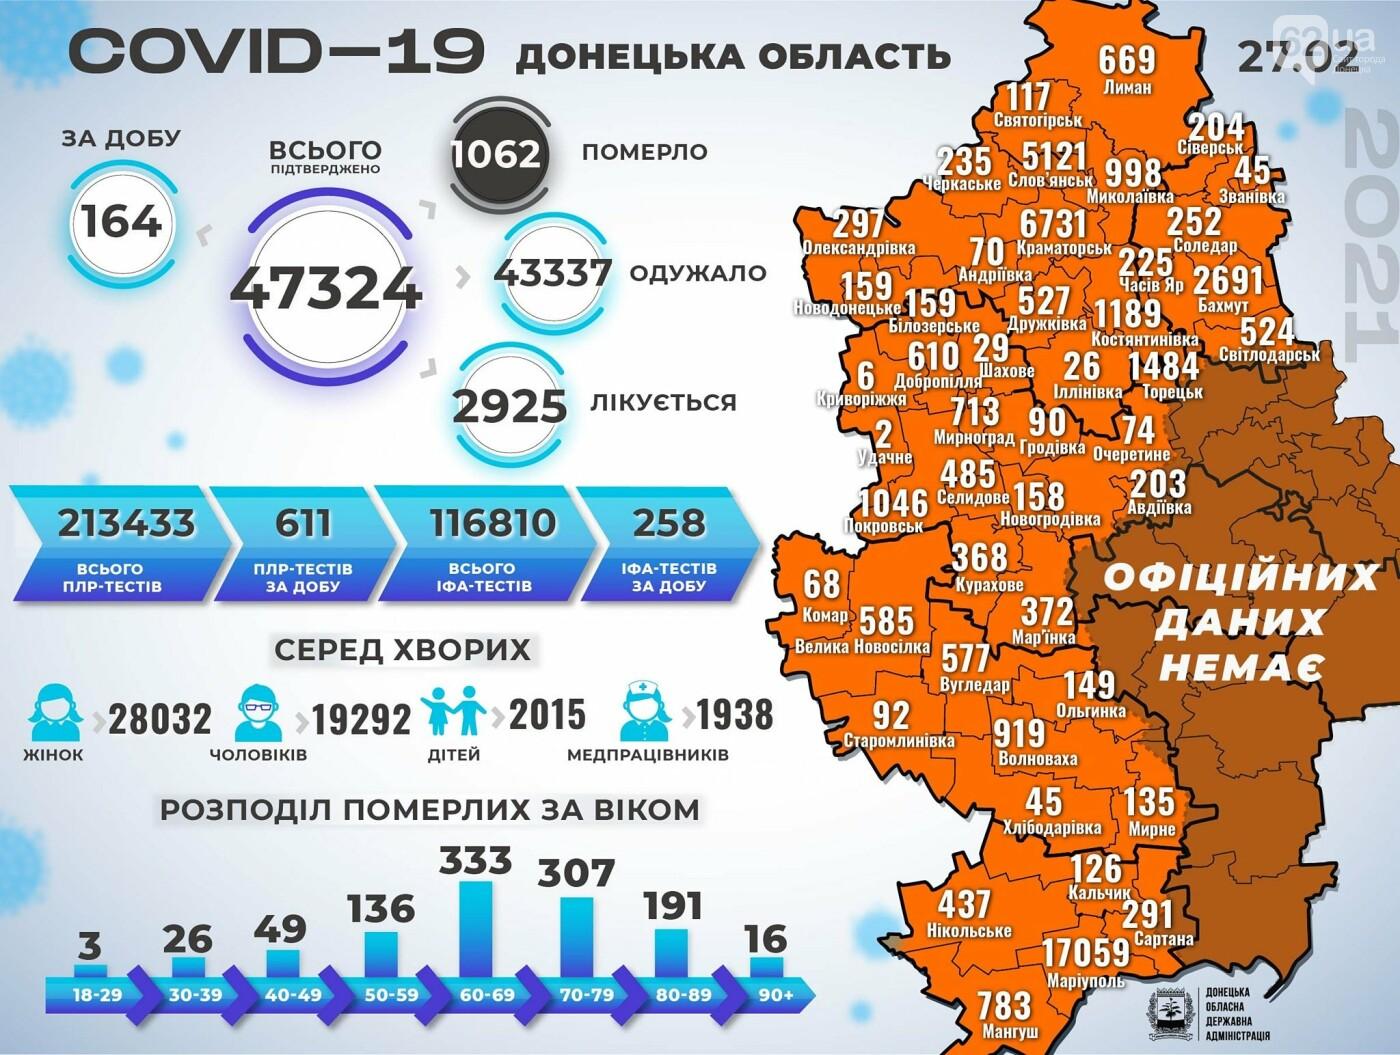 В Донецкой области 164 новых случая коронавируса, фото-1